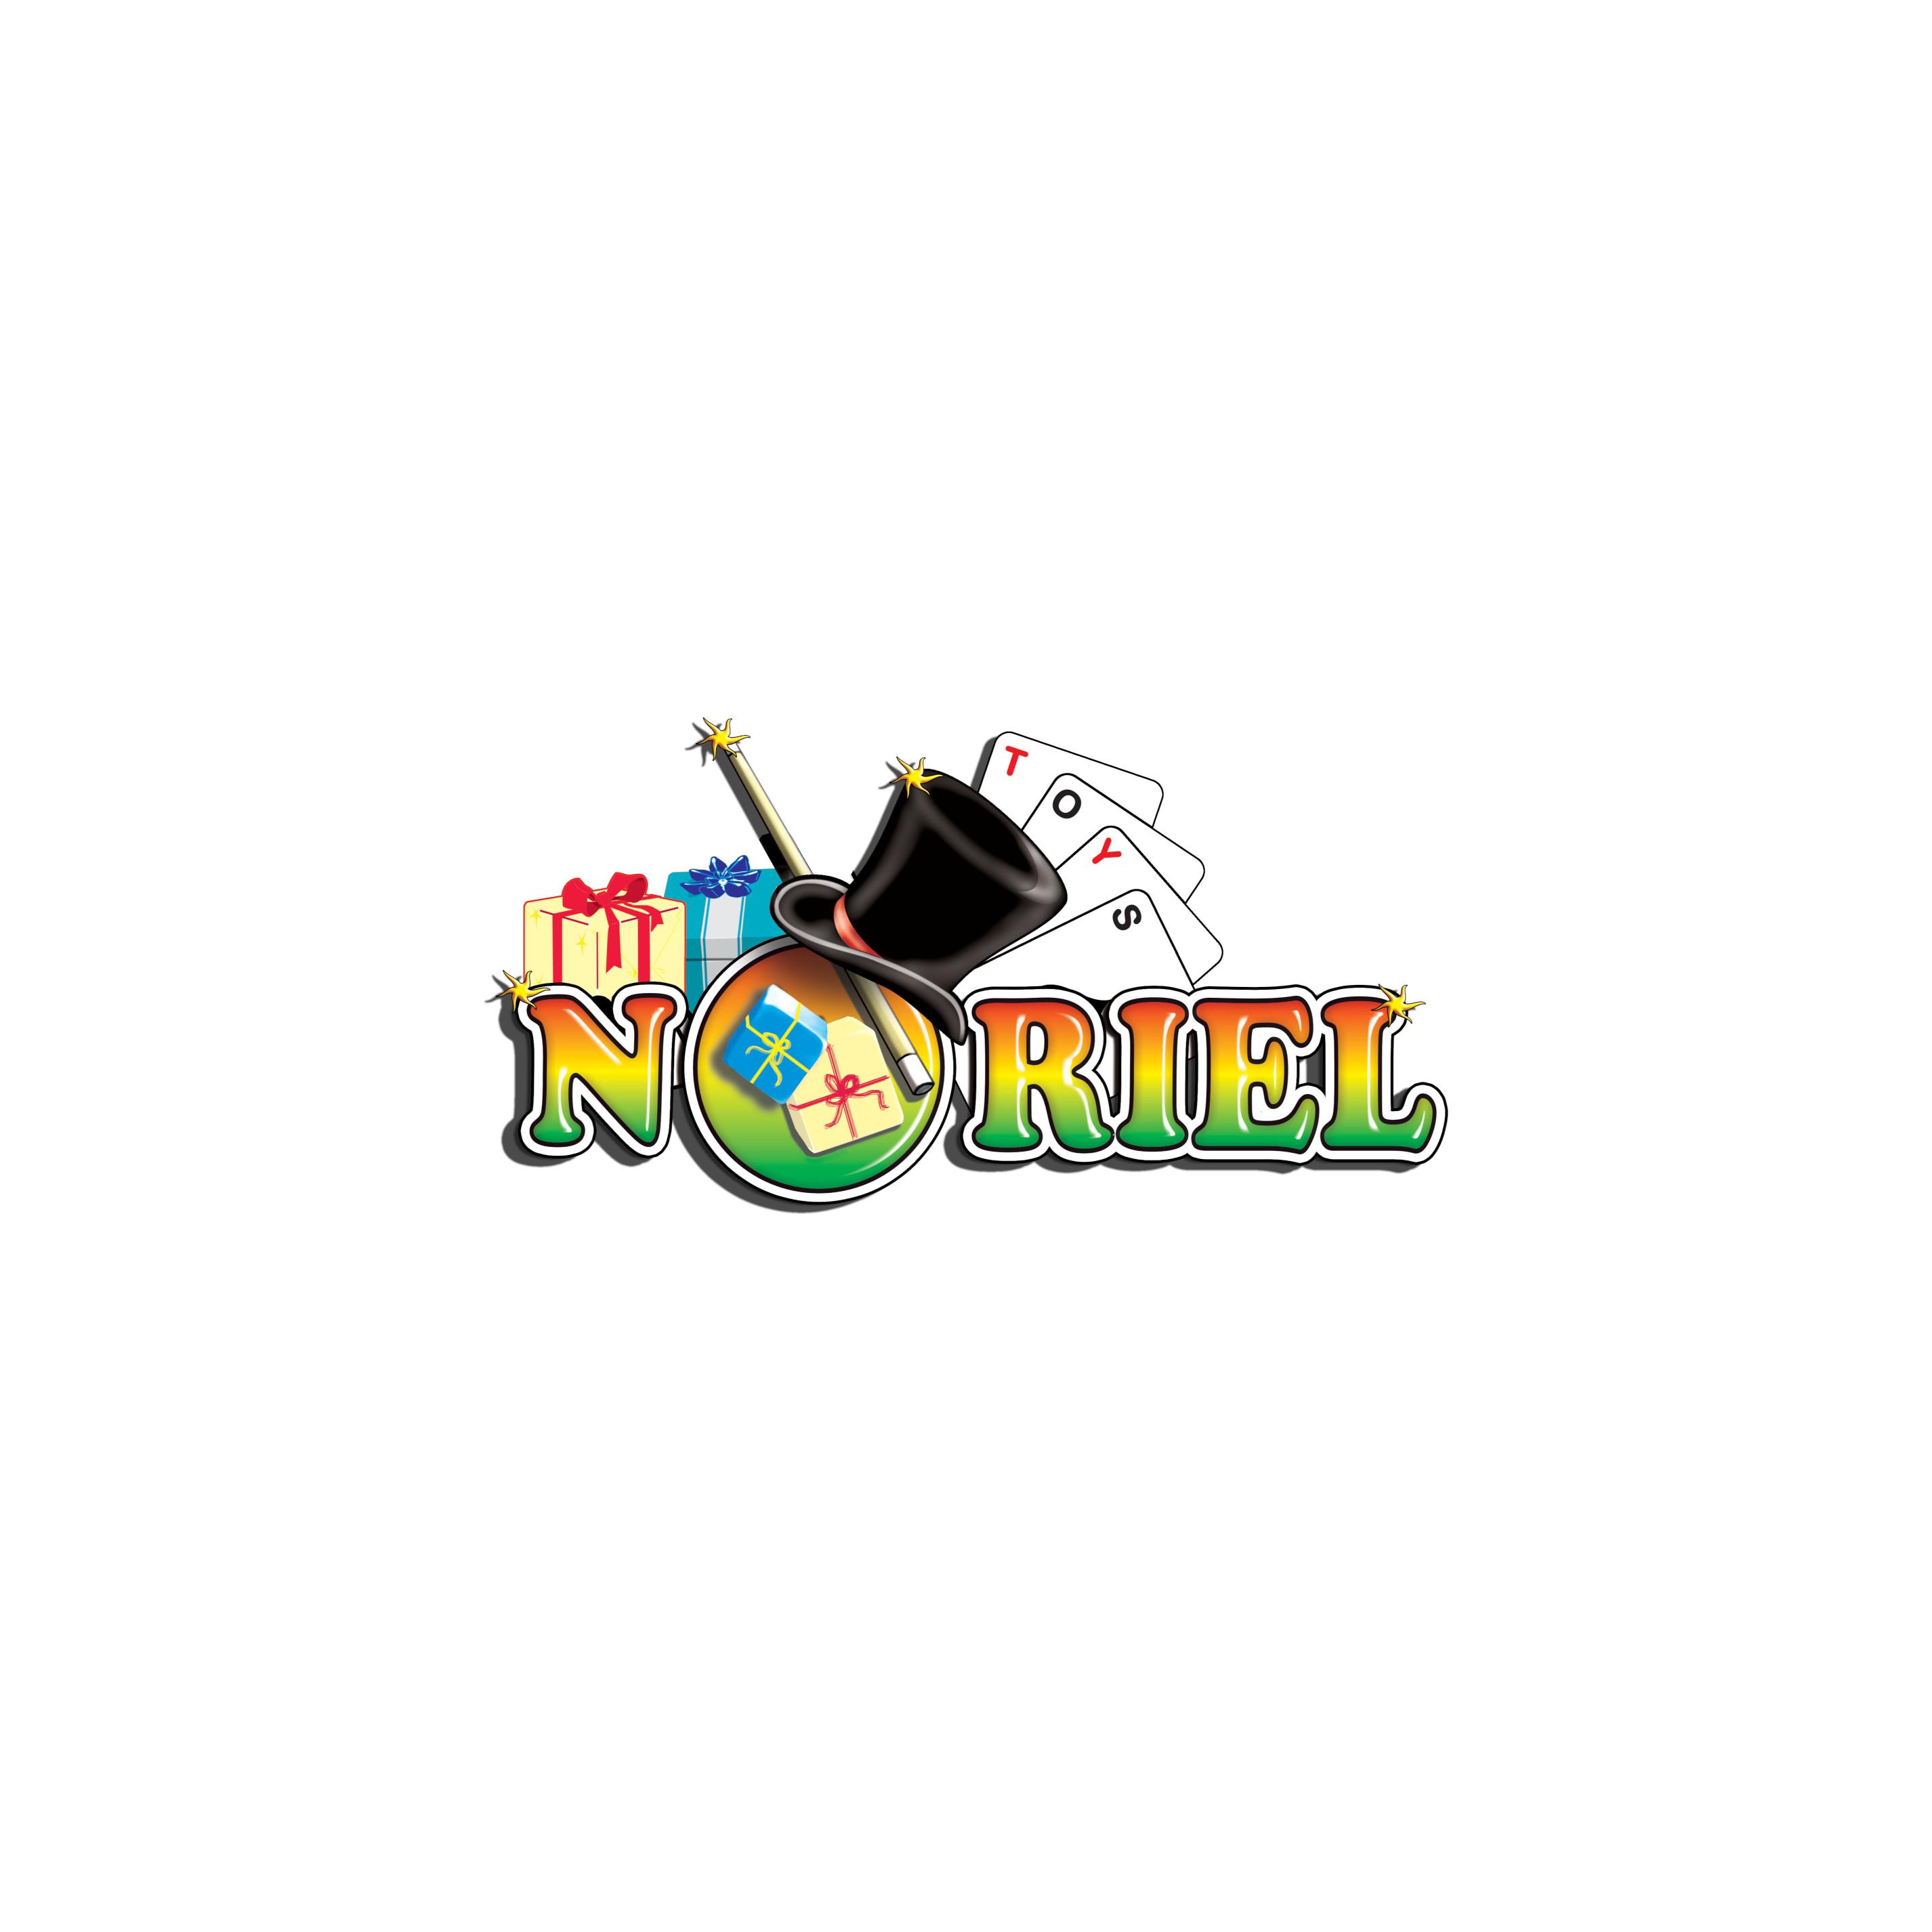 Figurina Minnie Mouse cu accesorii Pop Star